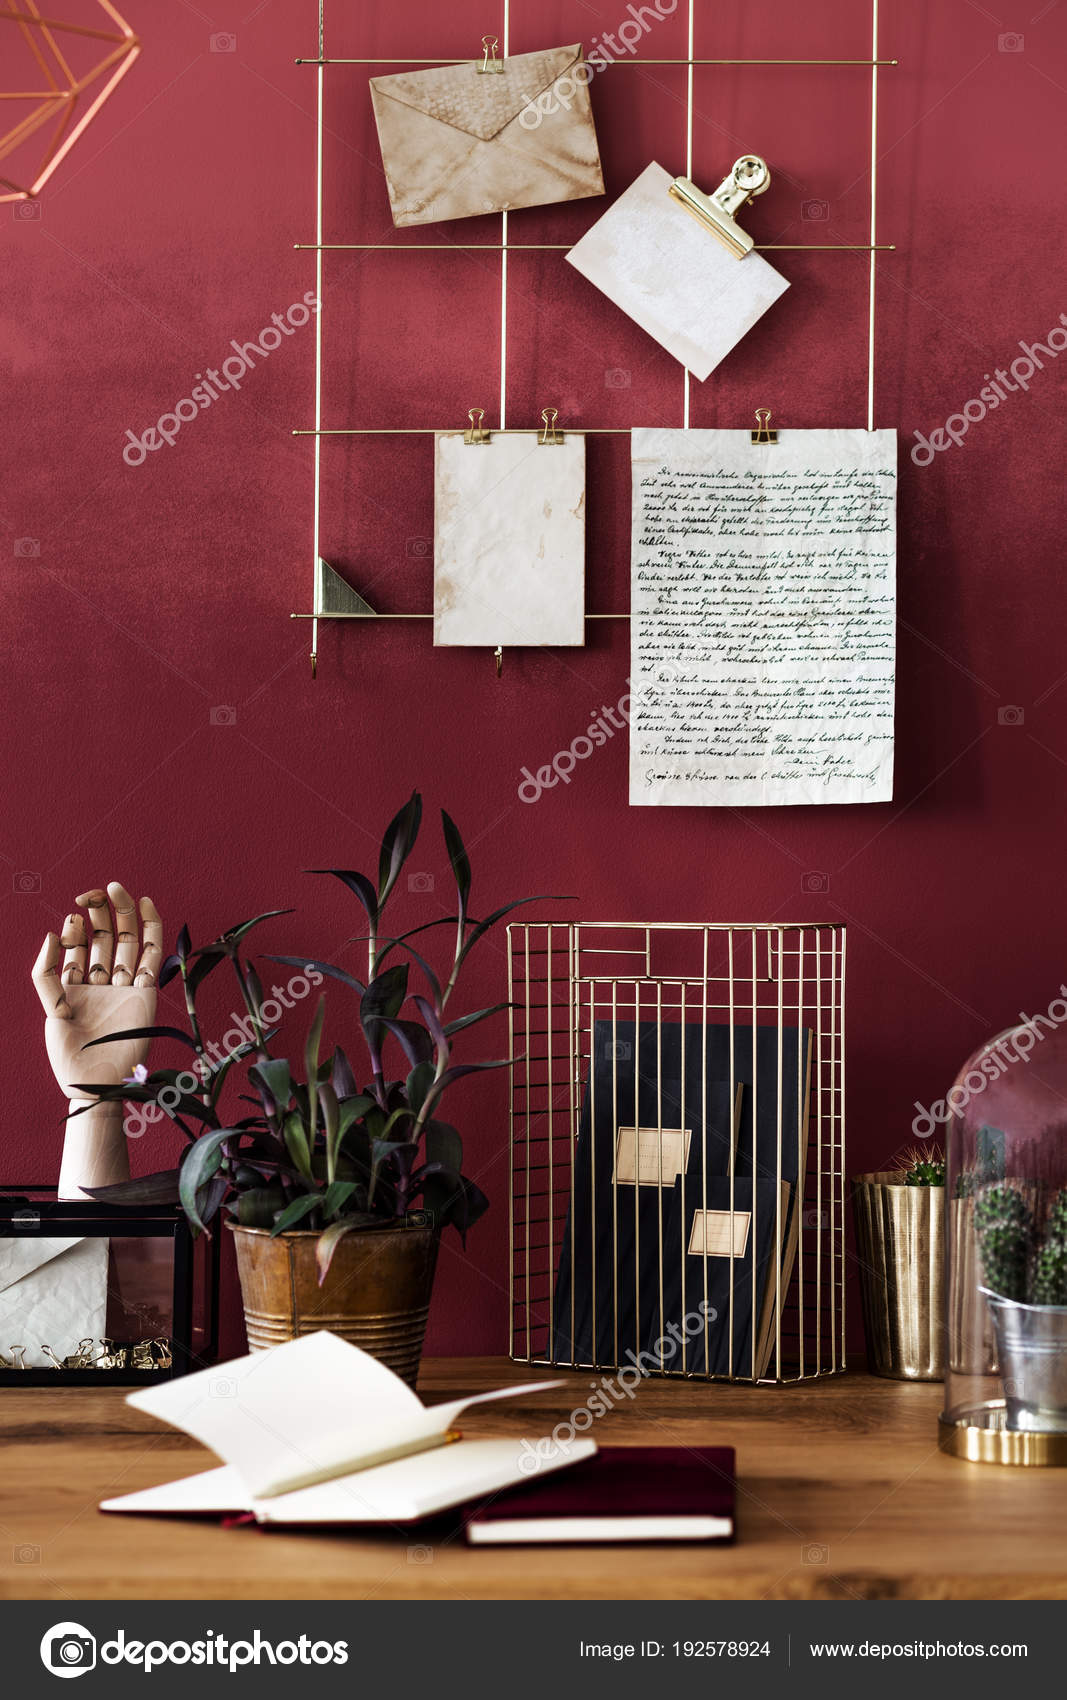 Schreibtisch Im Zimmer Rot Interieur Stockfoto C Photographee Eu